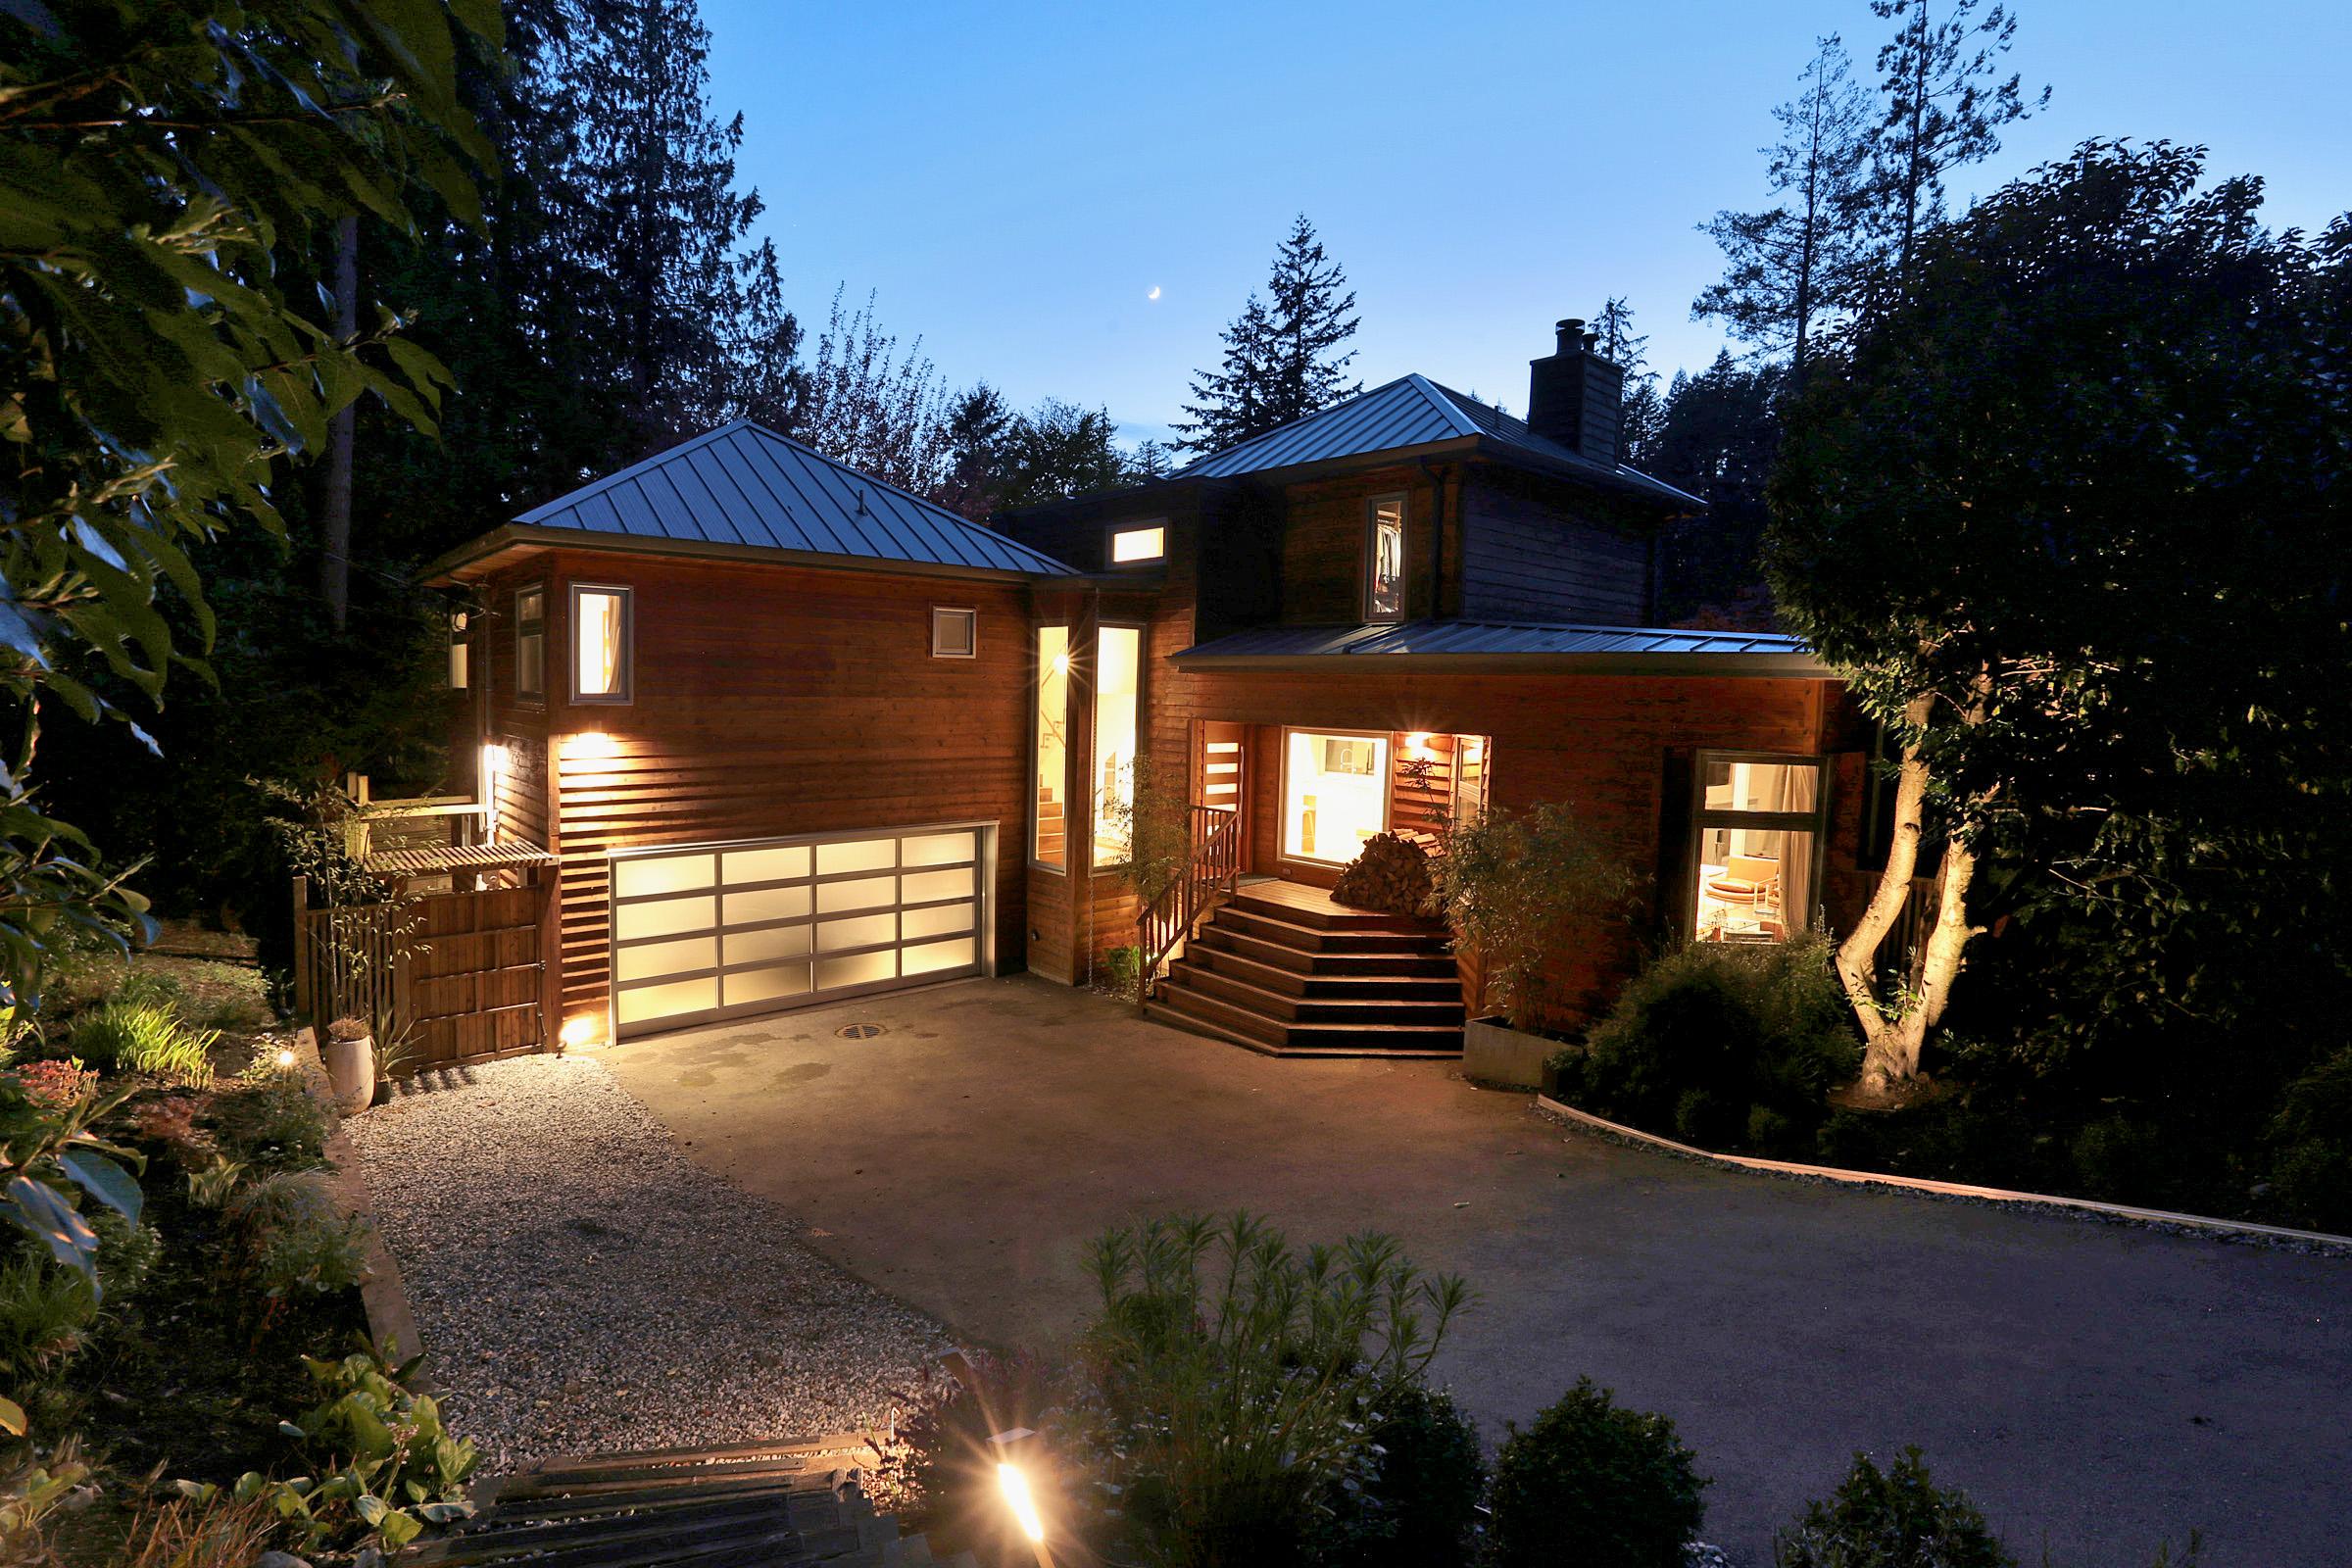 Glenealges/Whytecliff Modern Family Homefor sale: 3-4 bedroom/3 bathroom 2,579 sq.ft., 9010sqft lot